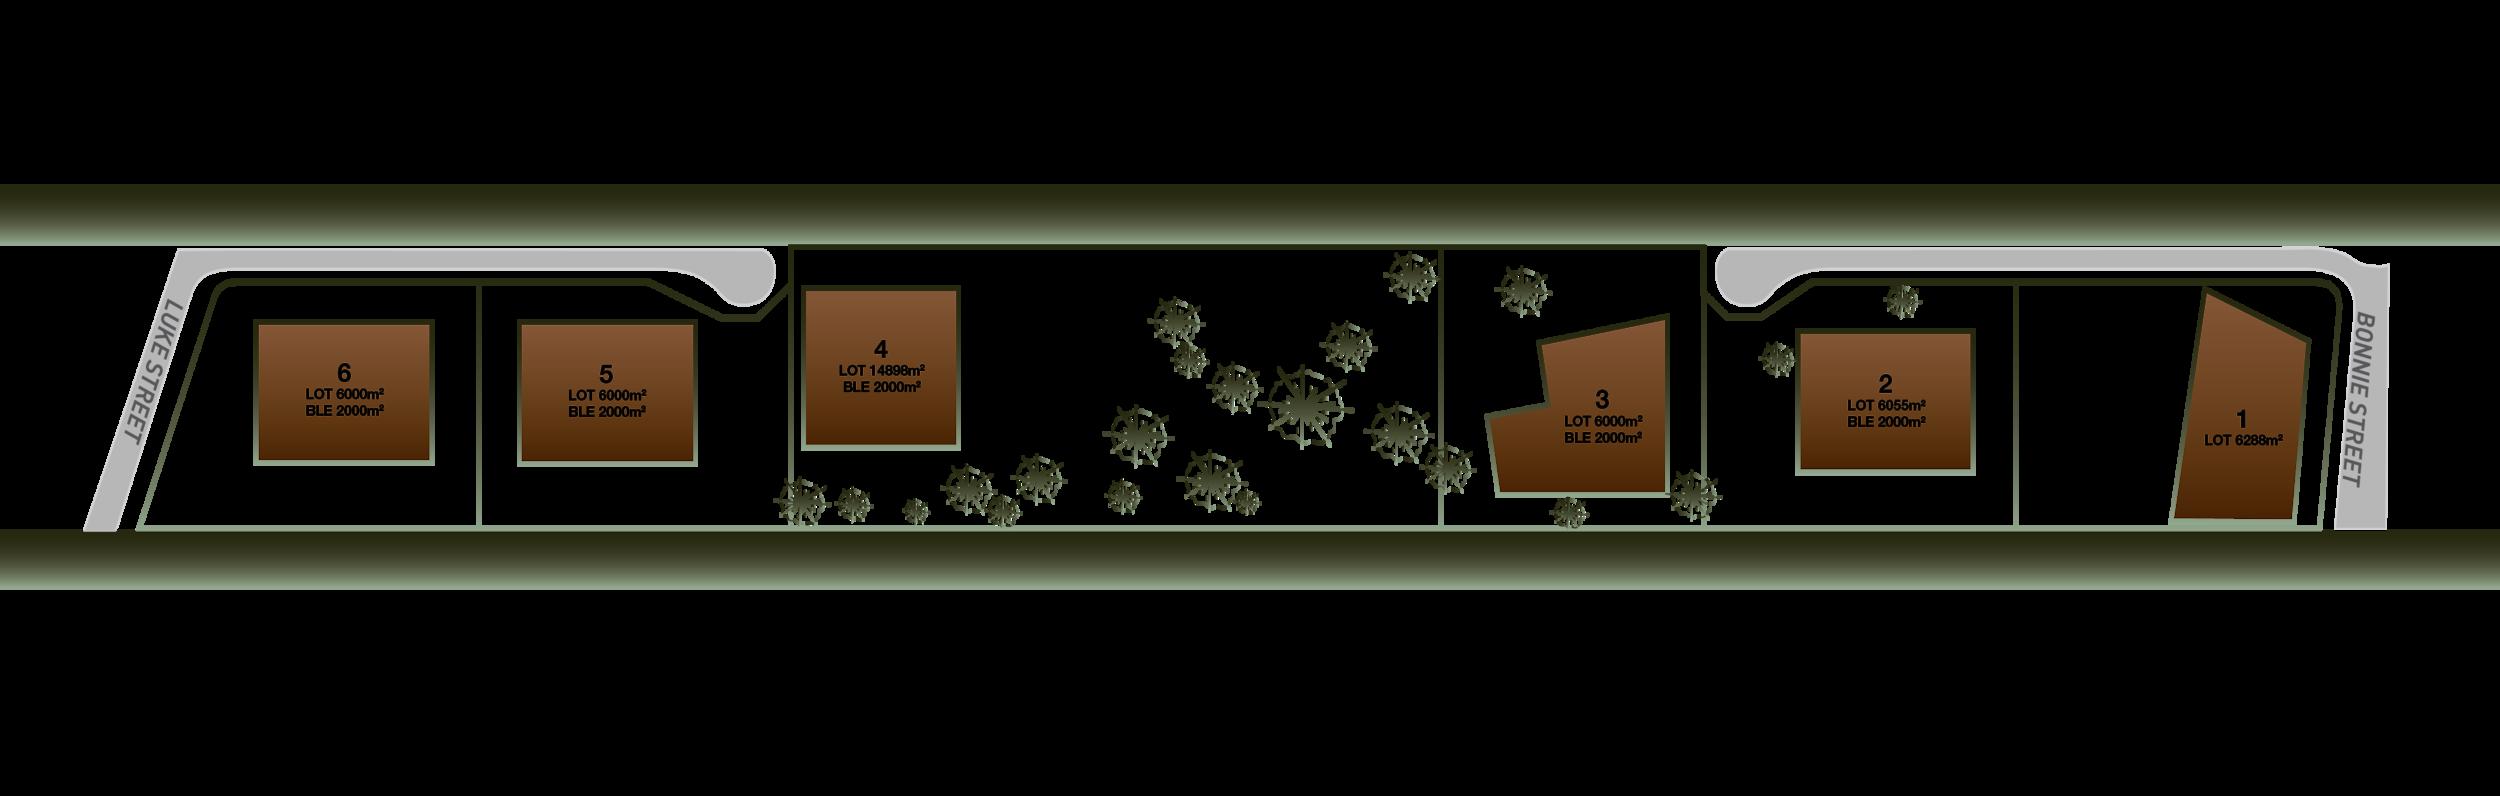 Venn Park - Estate Map Landscape-01.png